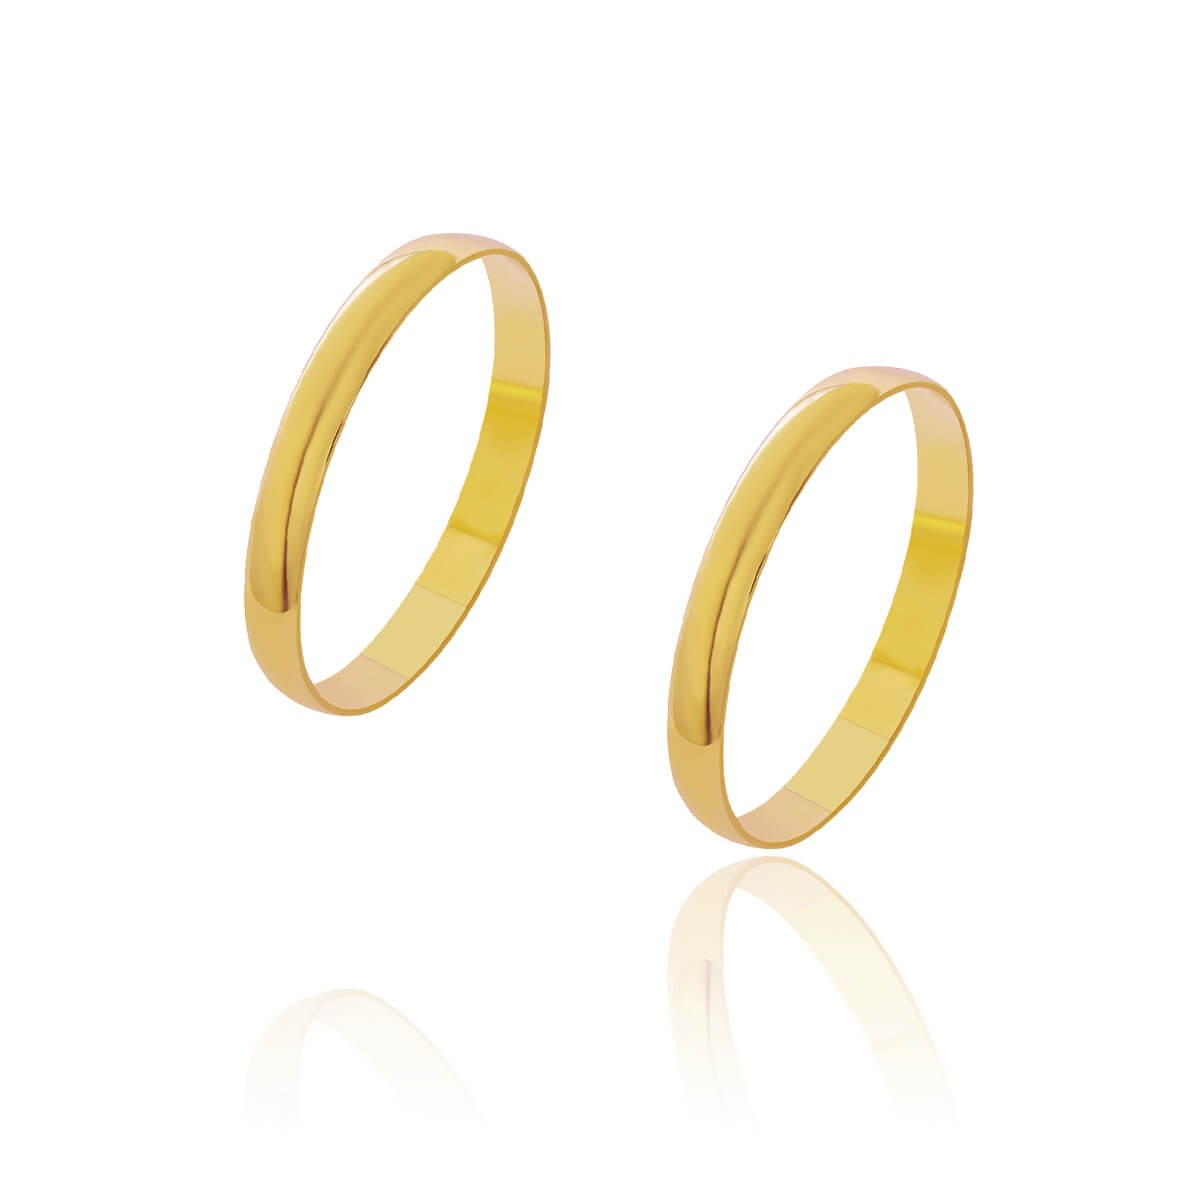 Par de Alianças de Casamento Diana Ouro Abaulada Lisa 2,5mm 1,8g